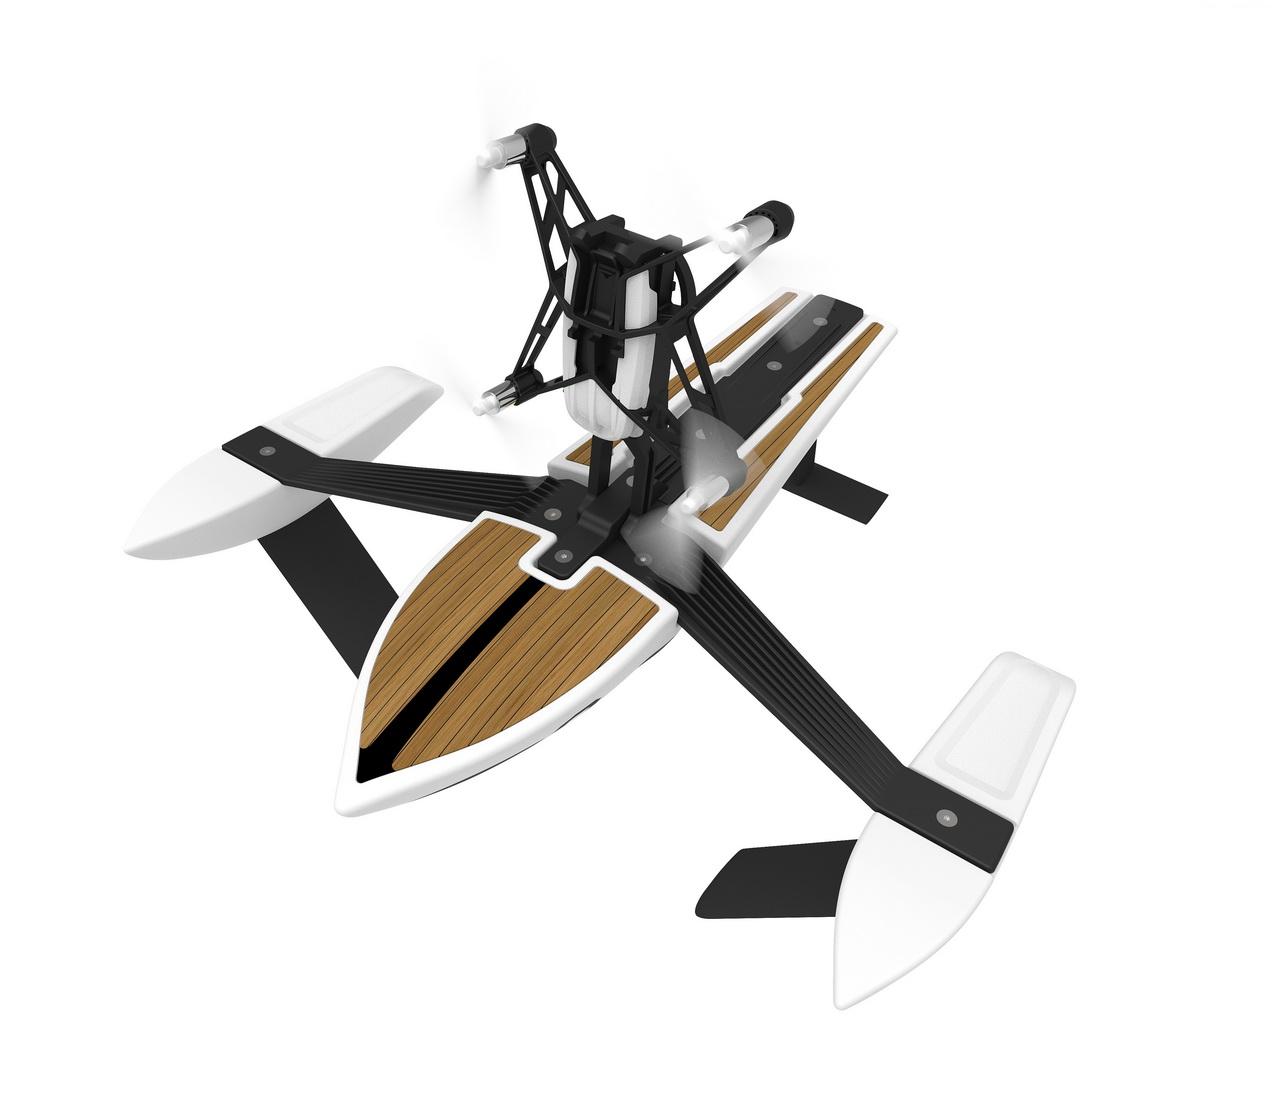 szarnyashajol-dron-teszt-4